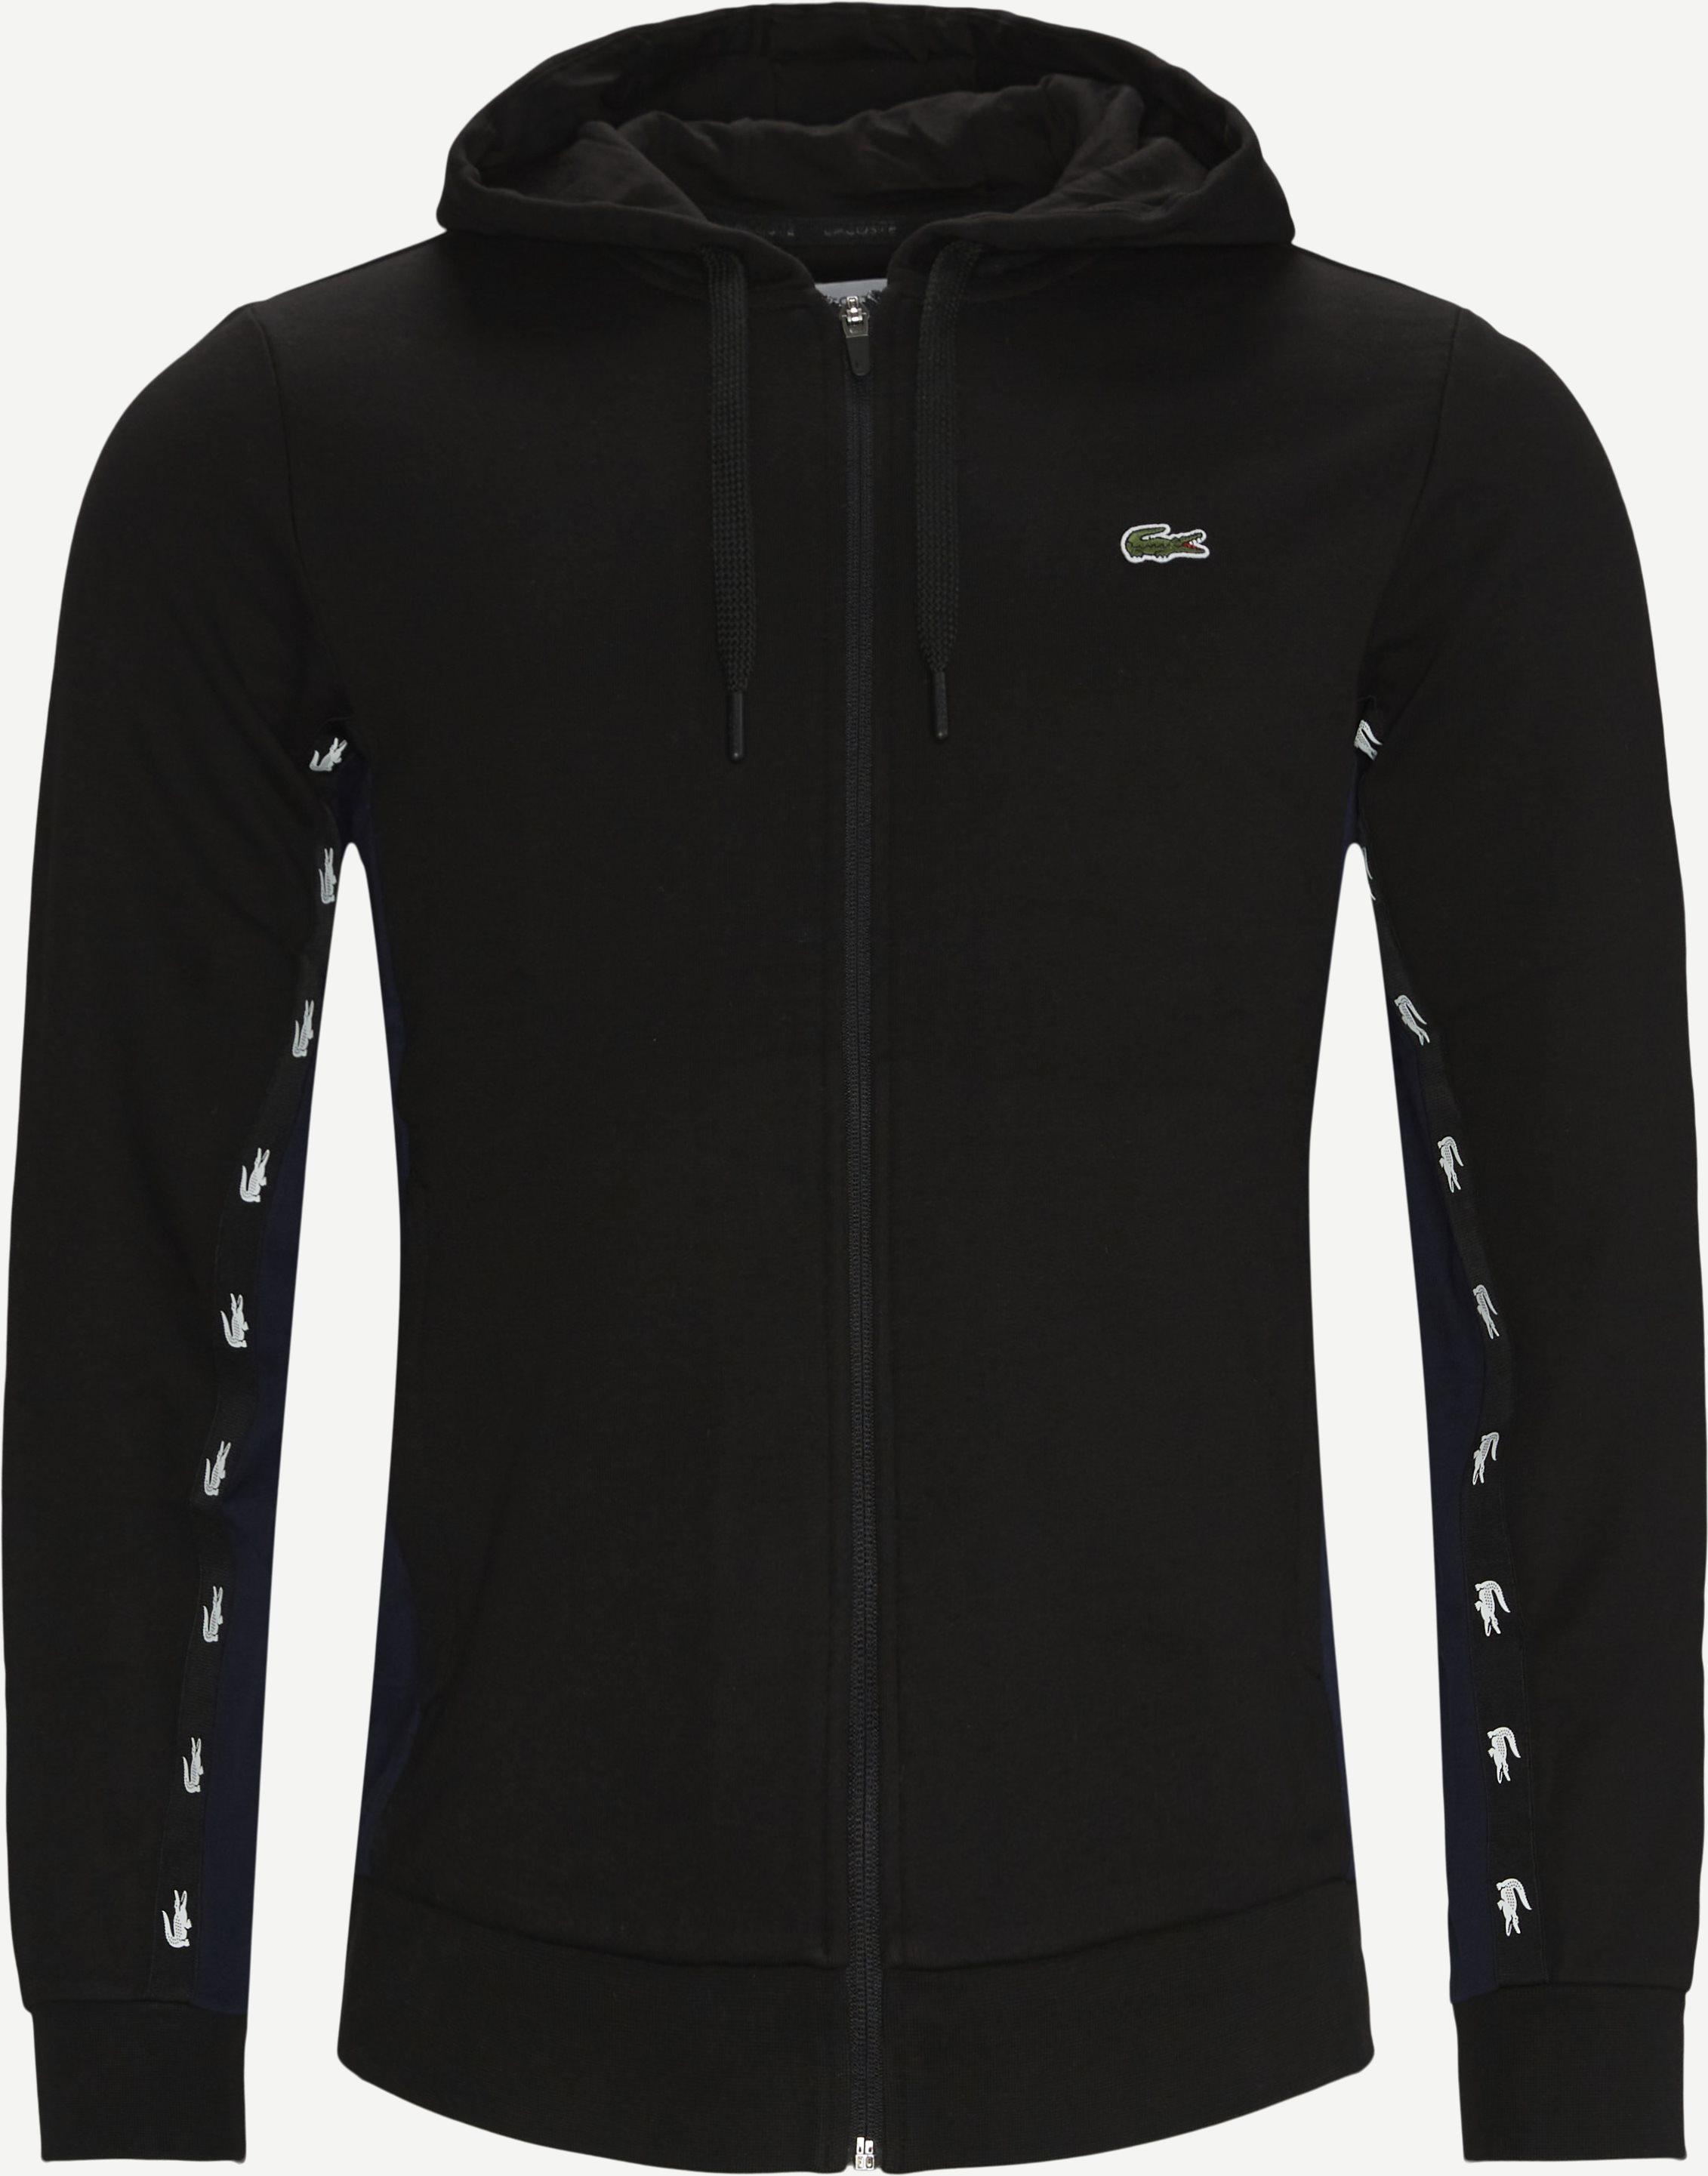 Zip Hoodie - Sweatshirts - Regular fit - Black